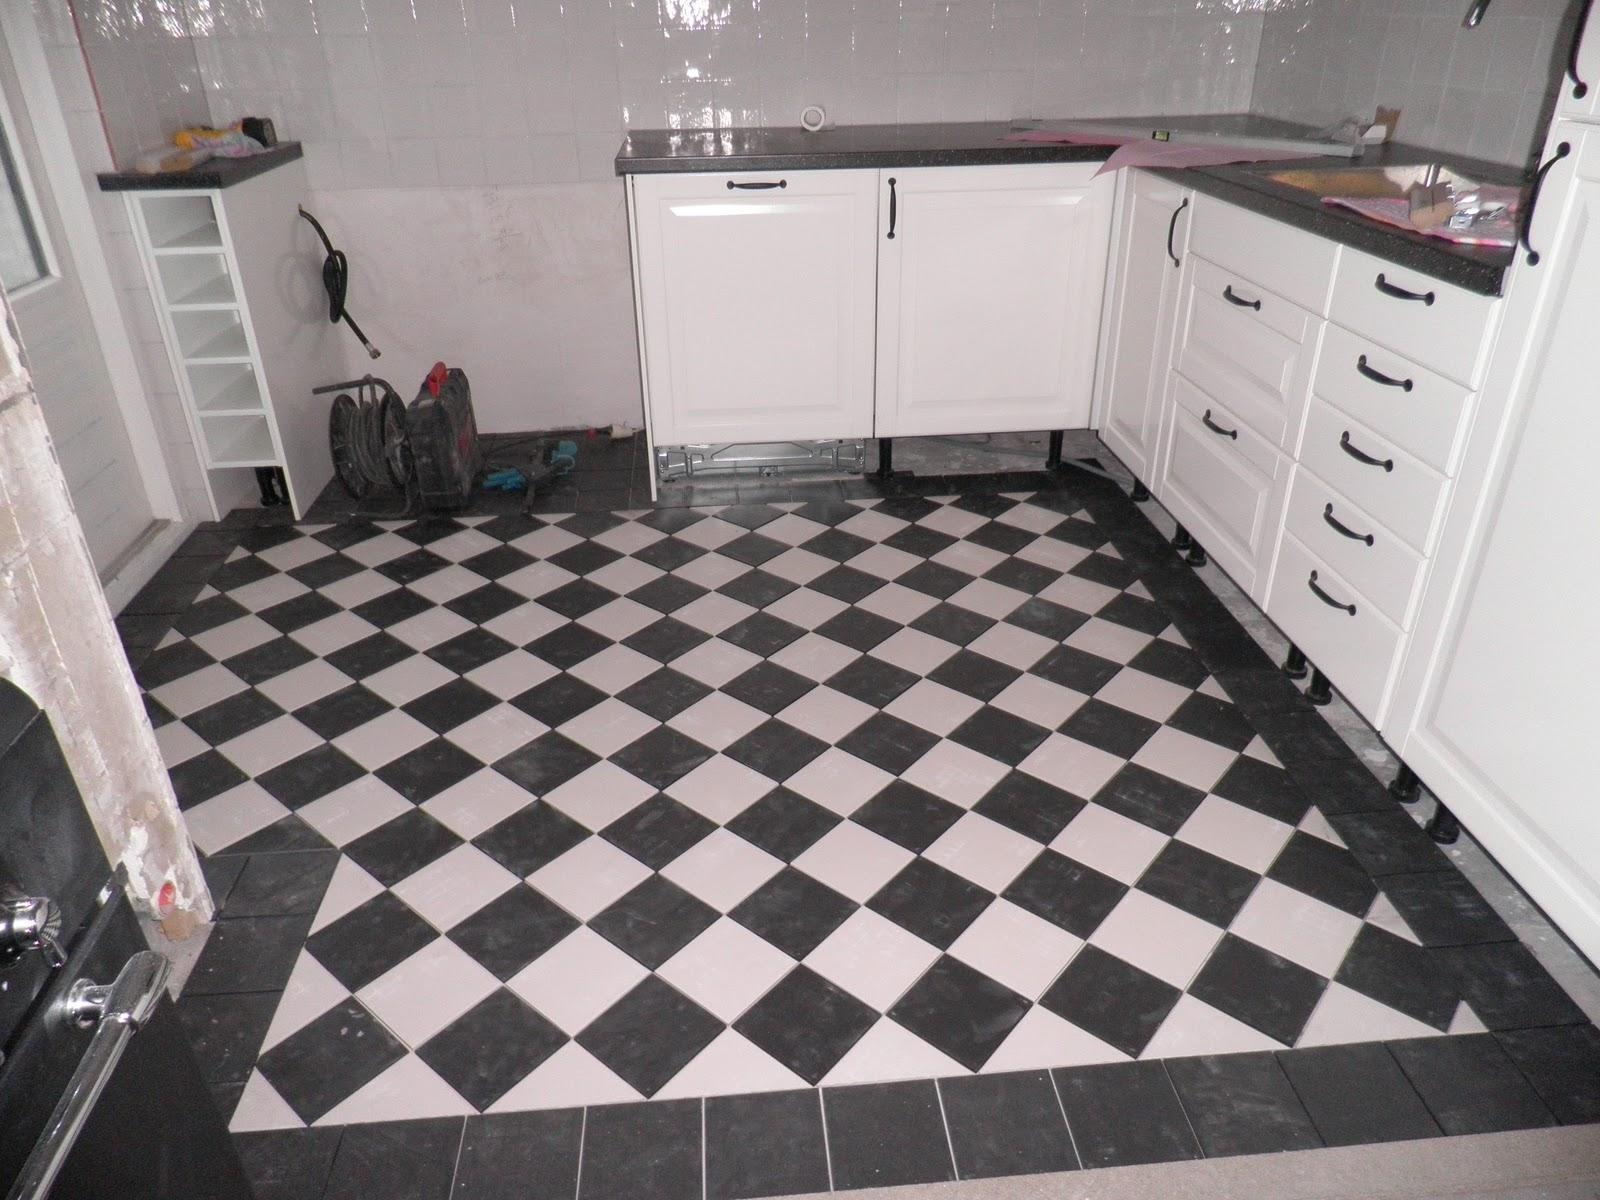 Vloertegels Keuken Verven : Keuken Vloertegels Zwart Wit : Pin Wandtegels Keuken Verven on